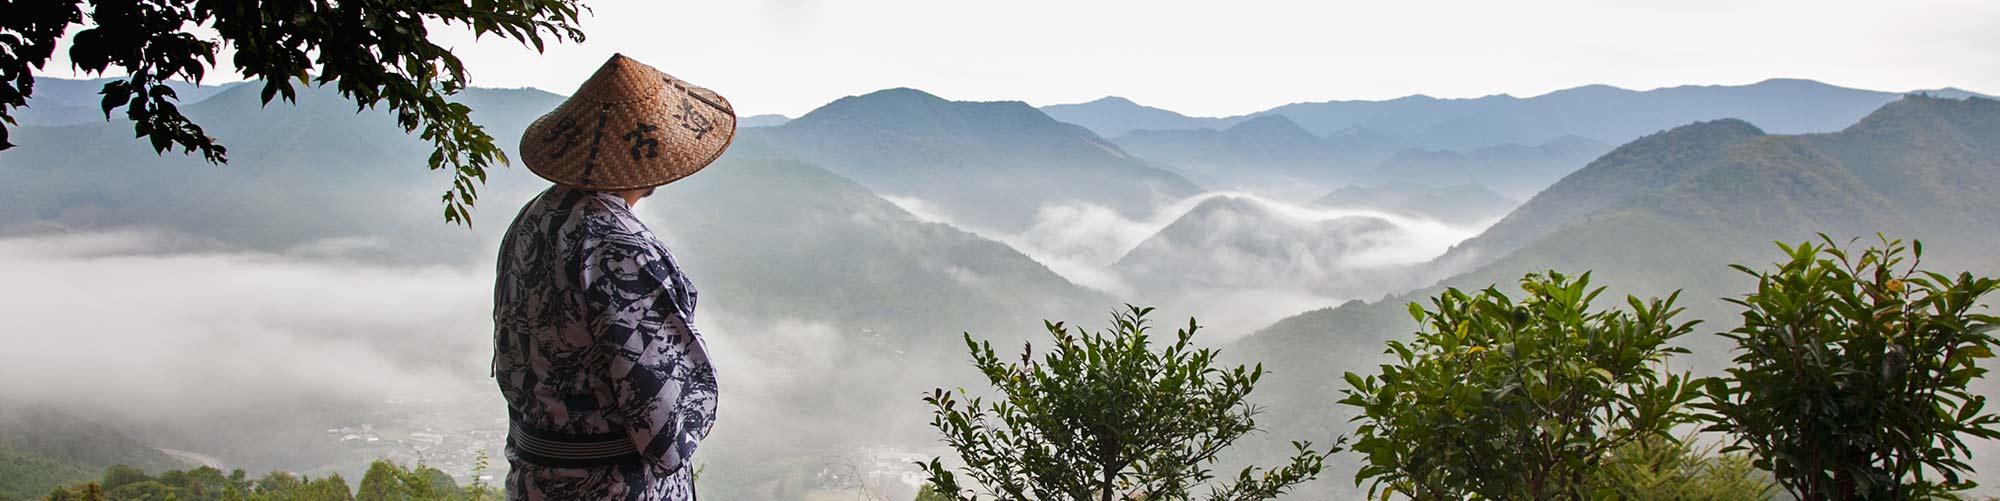 Kodo, el otro camino de Santiago - EL PAIS Viajes